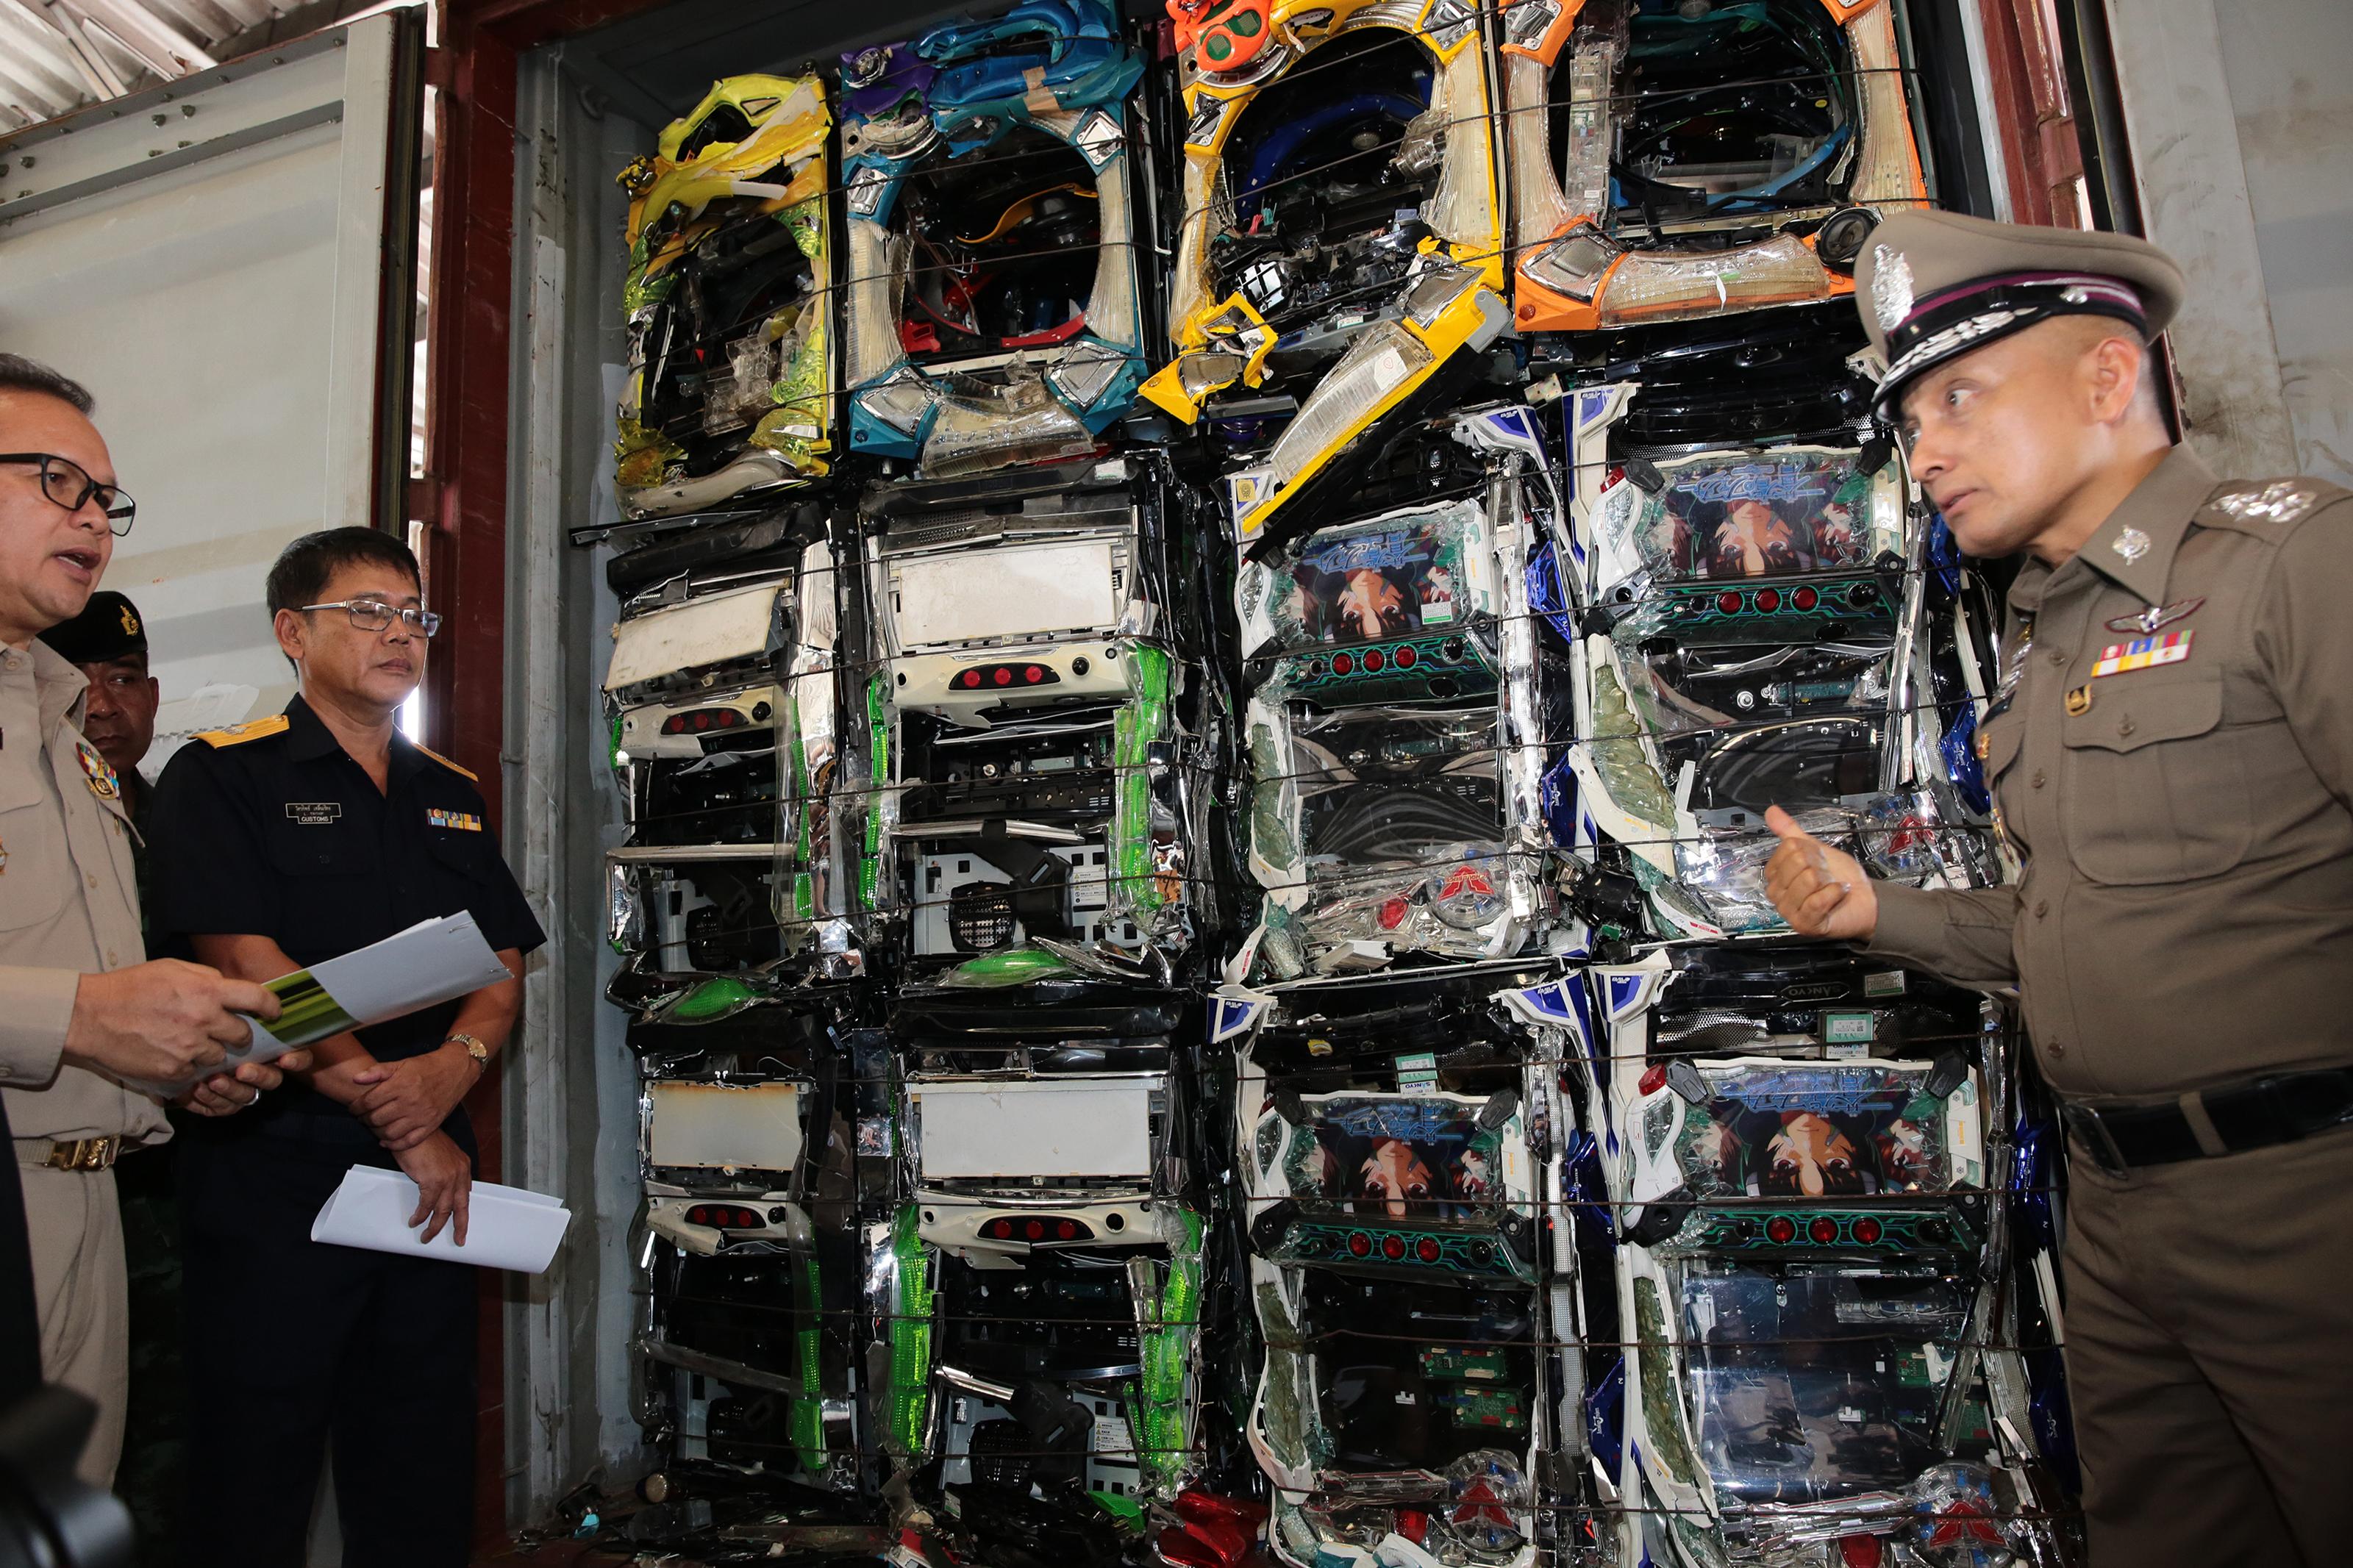 A Nyugat leselejtezett elektronikai termékekkel mérgezi Thaiföldet